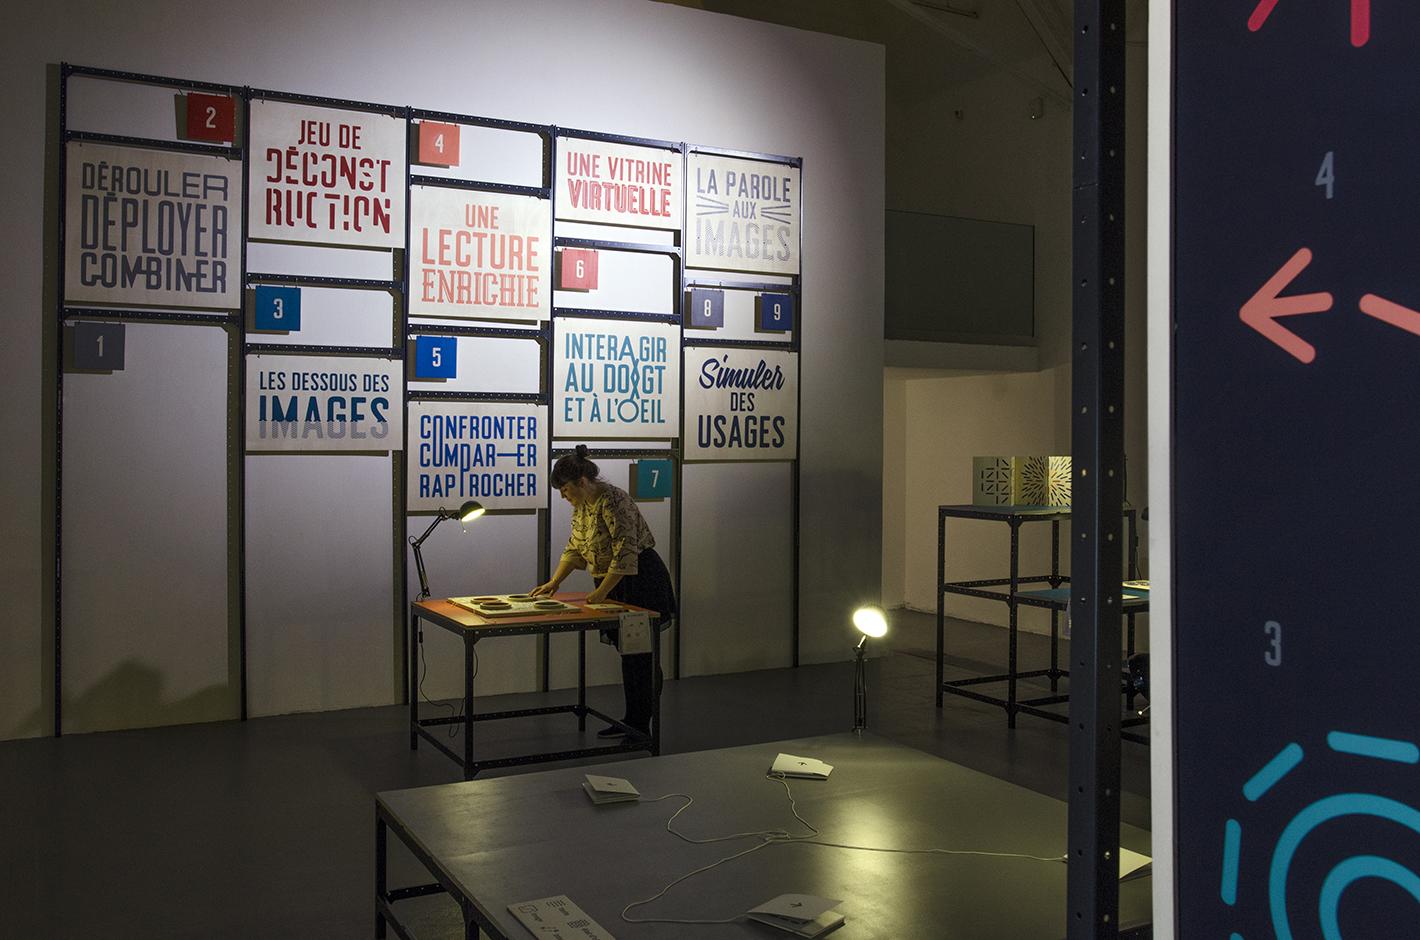 Des objets, des images et des gestes — exposition didactique visuelle — La chaufferie, Strasbourg — 2015